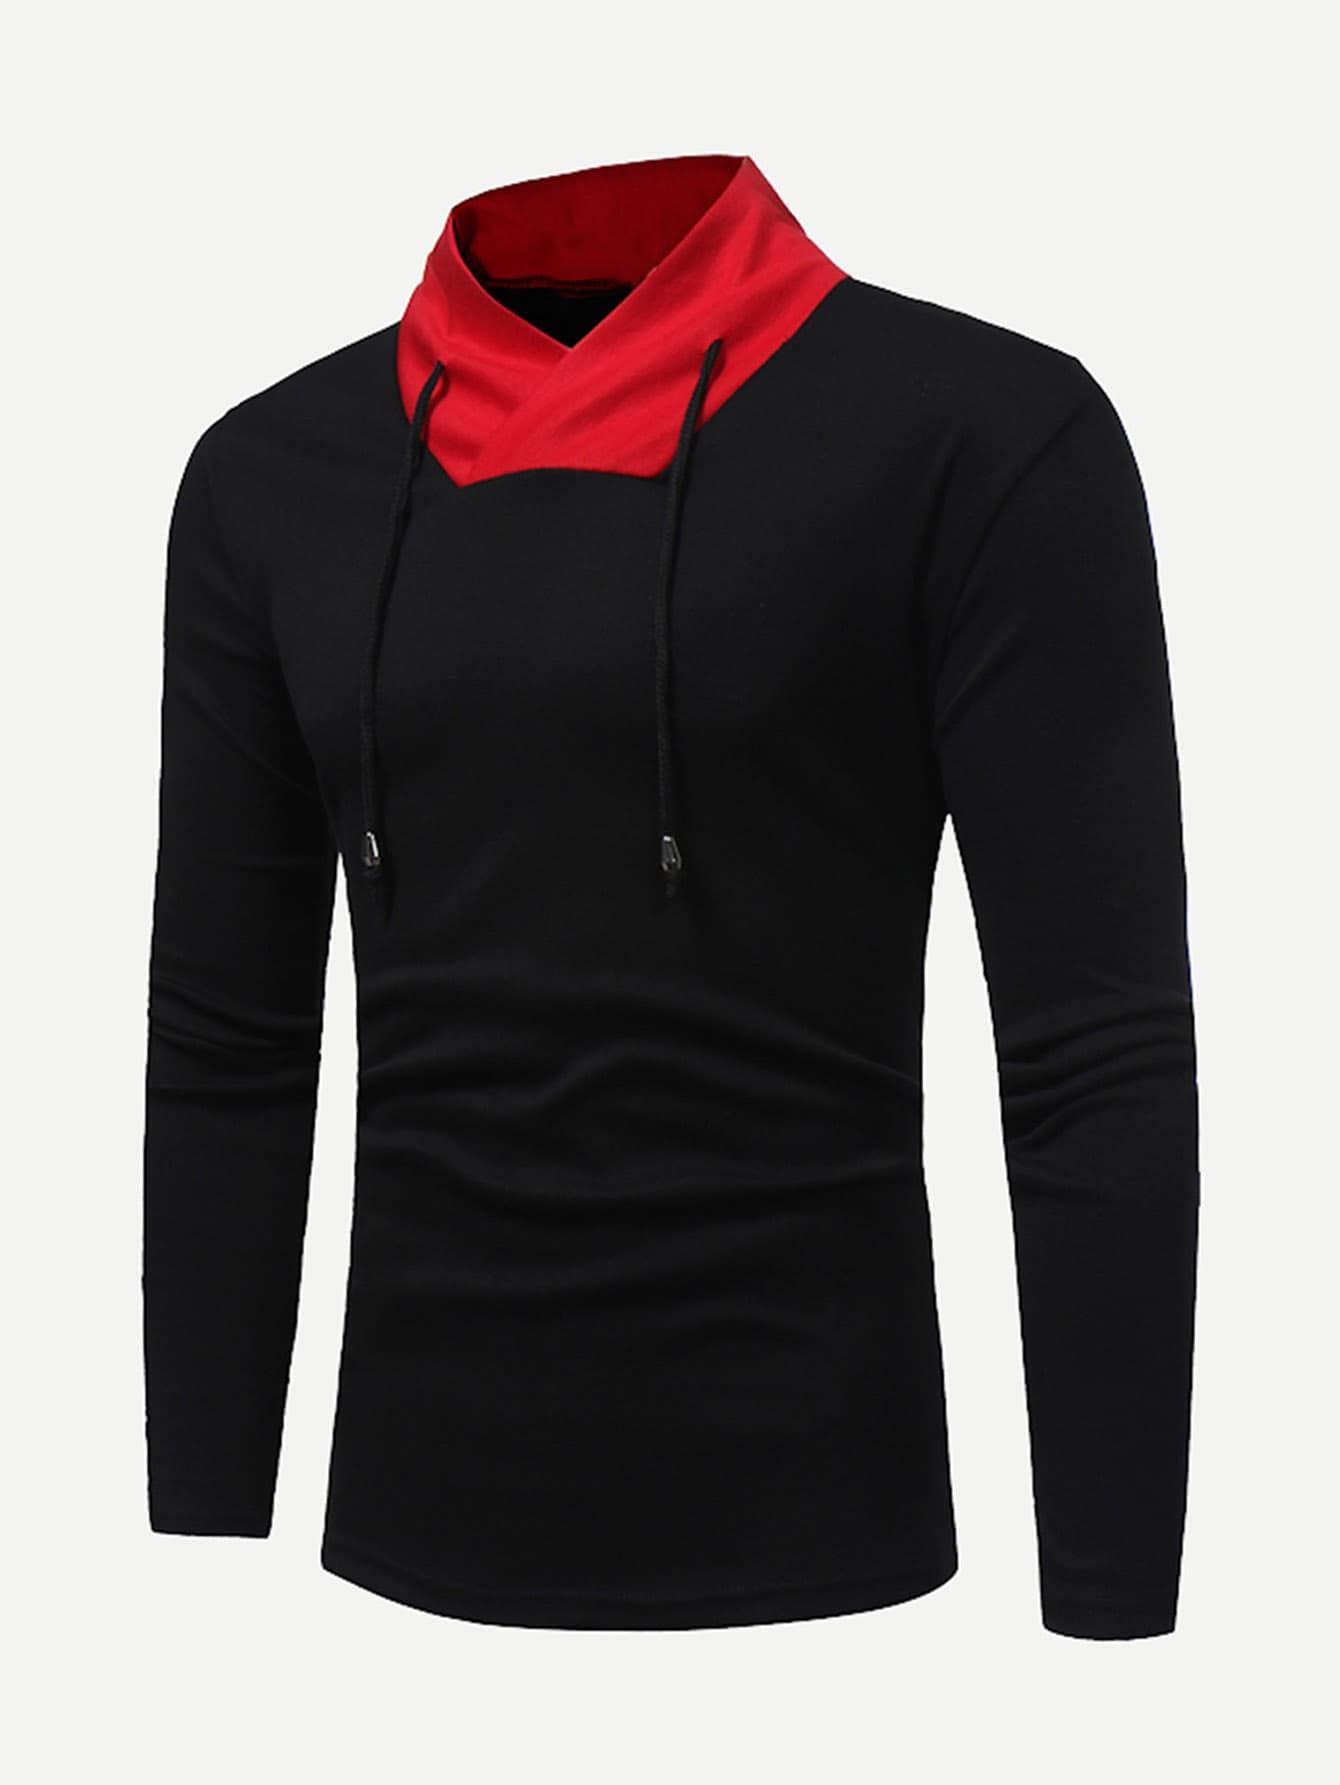 Купить Мужчины вырезать и вышивать свитер Толстовка, null, SheIn